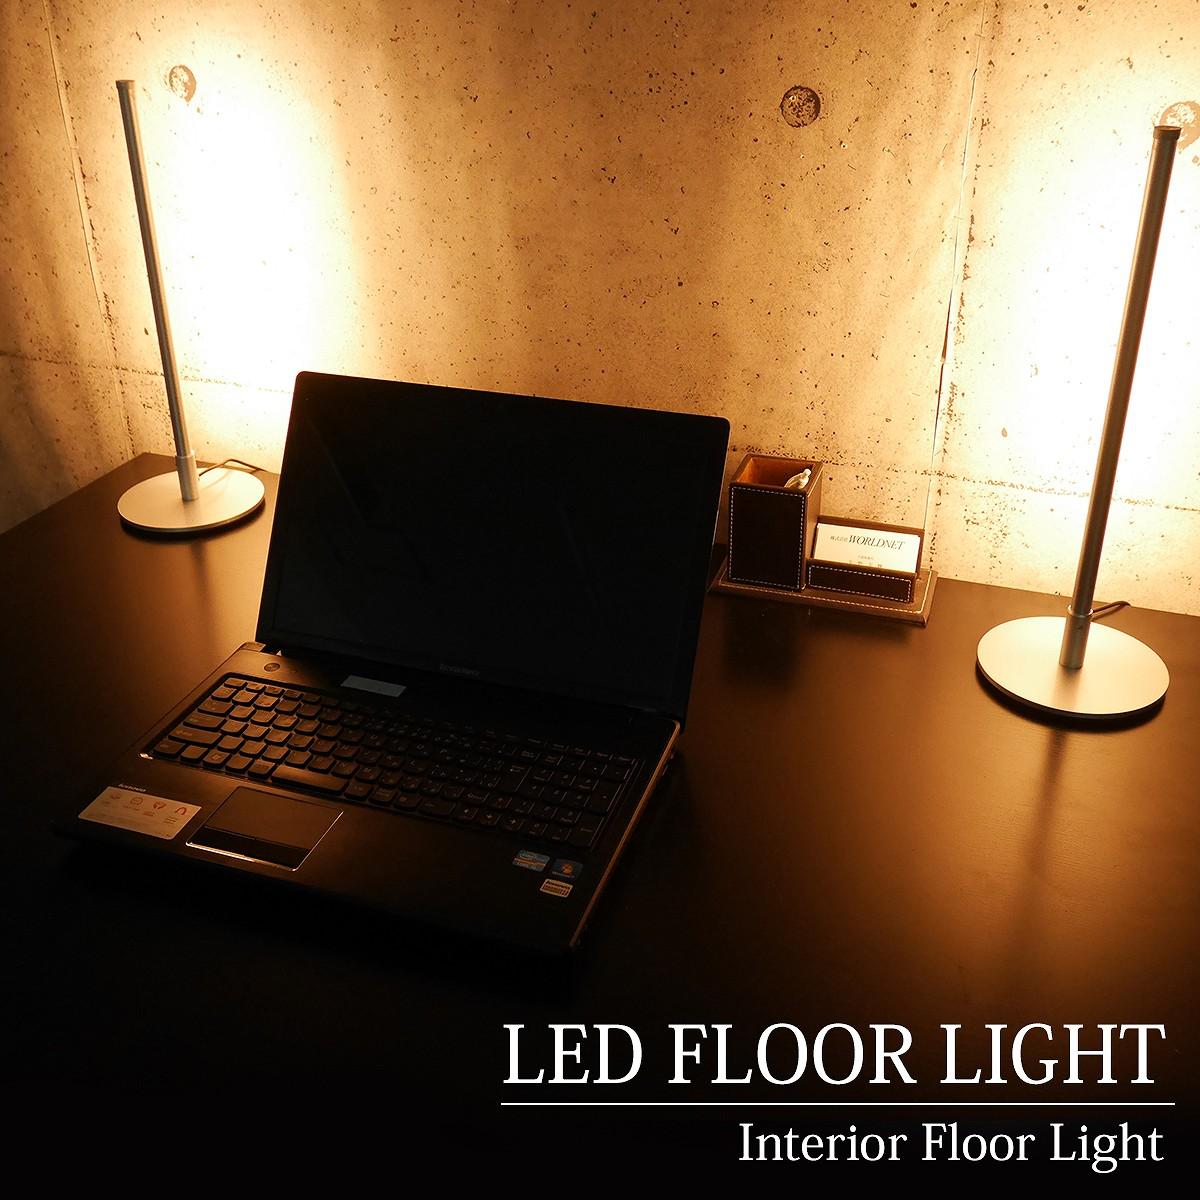 LED フロアライト デスクライト テーブルライト 間接照明 スタンドライト インテリア 寝室 北欧 デザイナー 照明 おしゃれ 単品 FL-50SLD